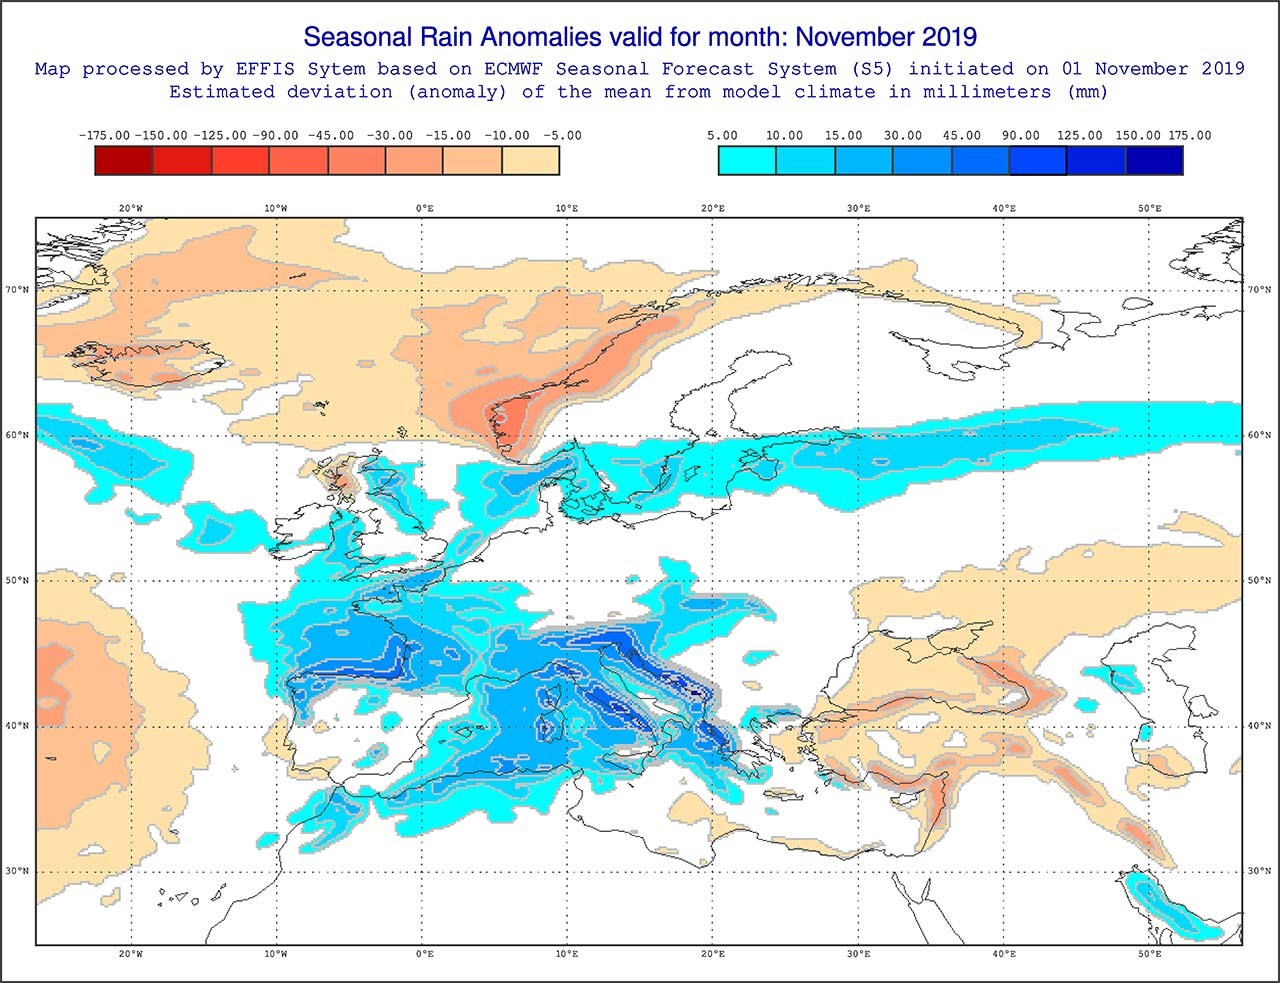 Anomalie di precipitazione previste dal modello ECMWF per novembre 2019 - effis.jrc.ec.europa.eu